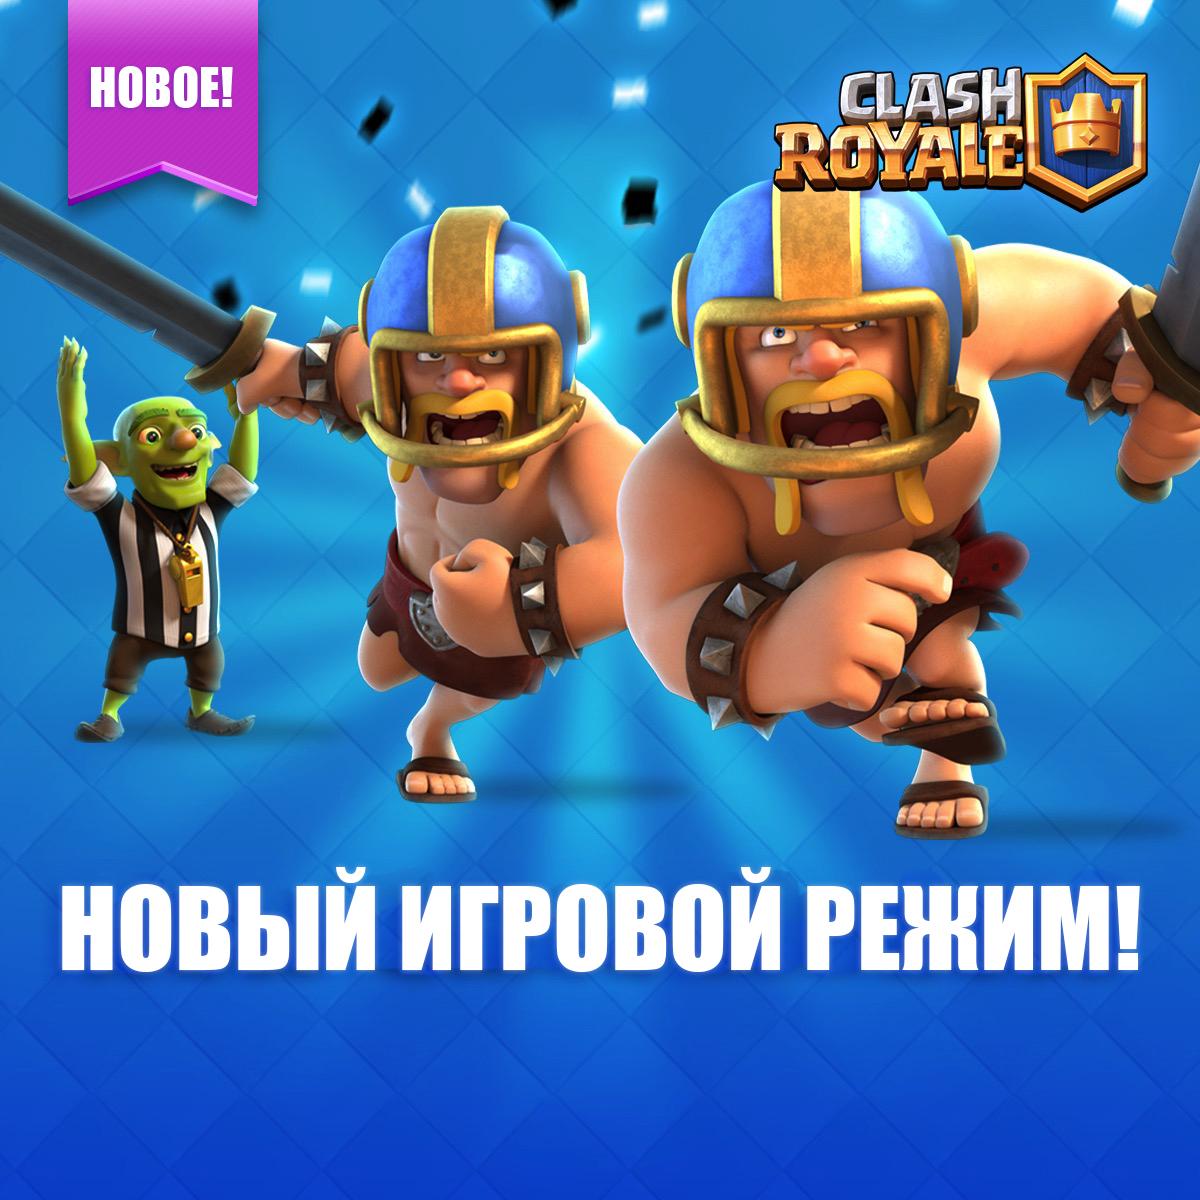 Новый игровой режим Тачдаун/приземление в Clash Royale